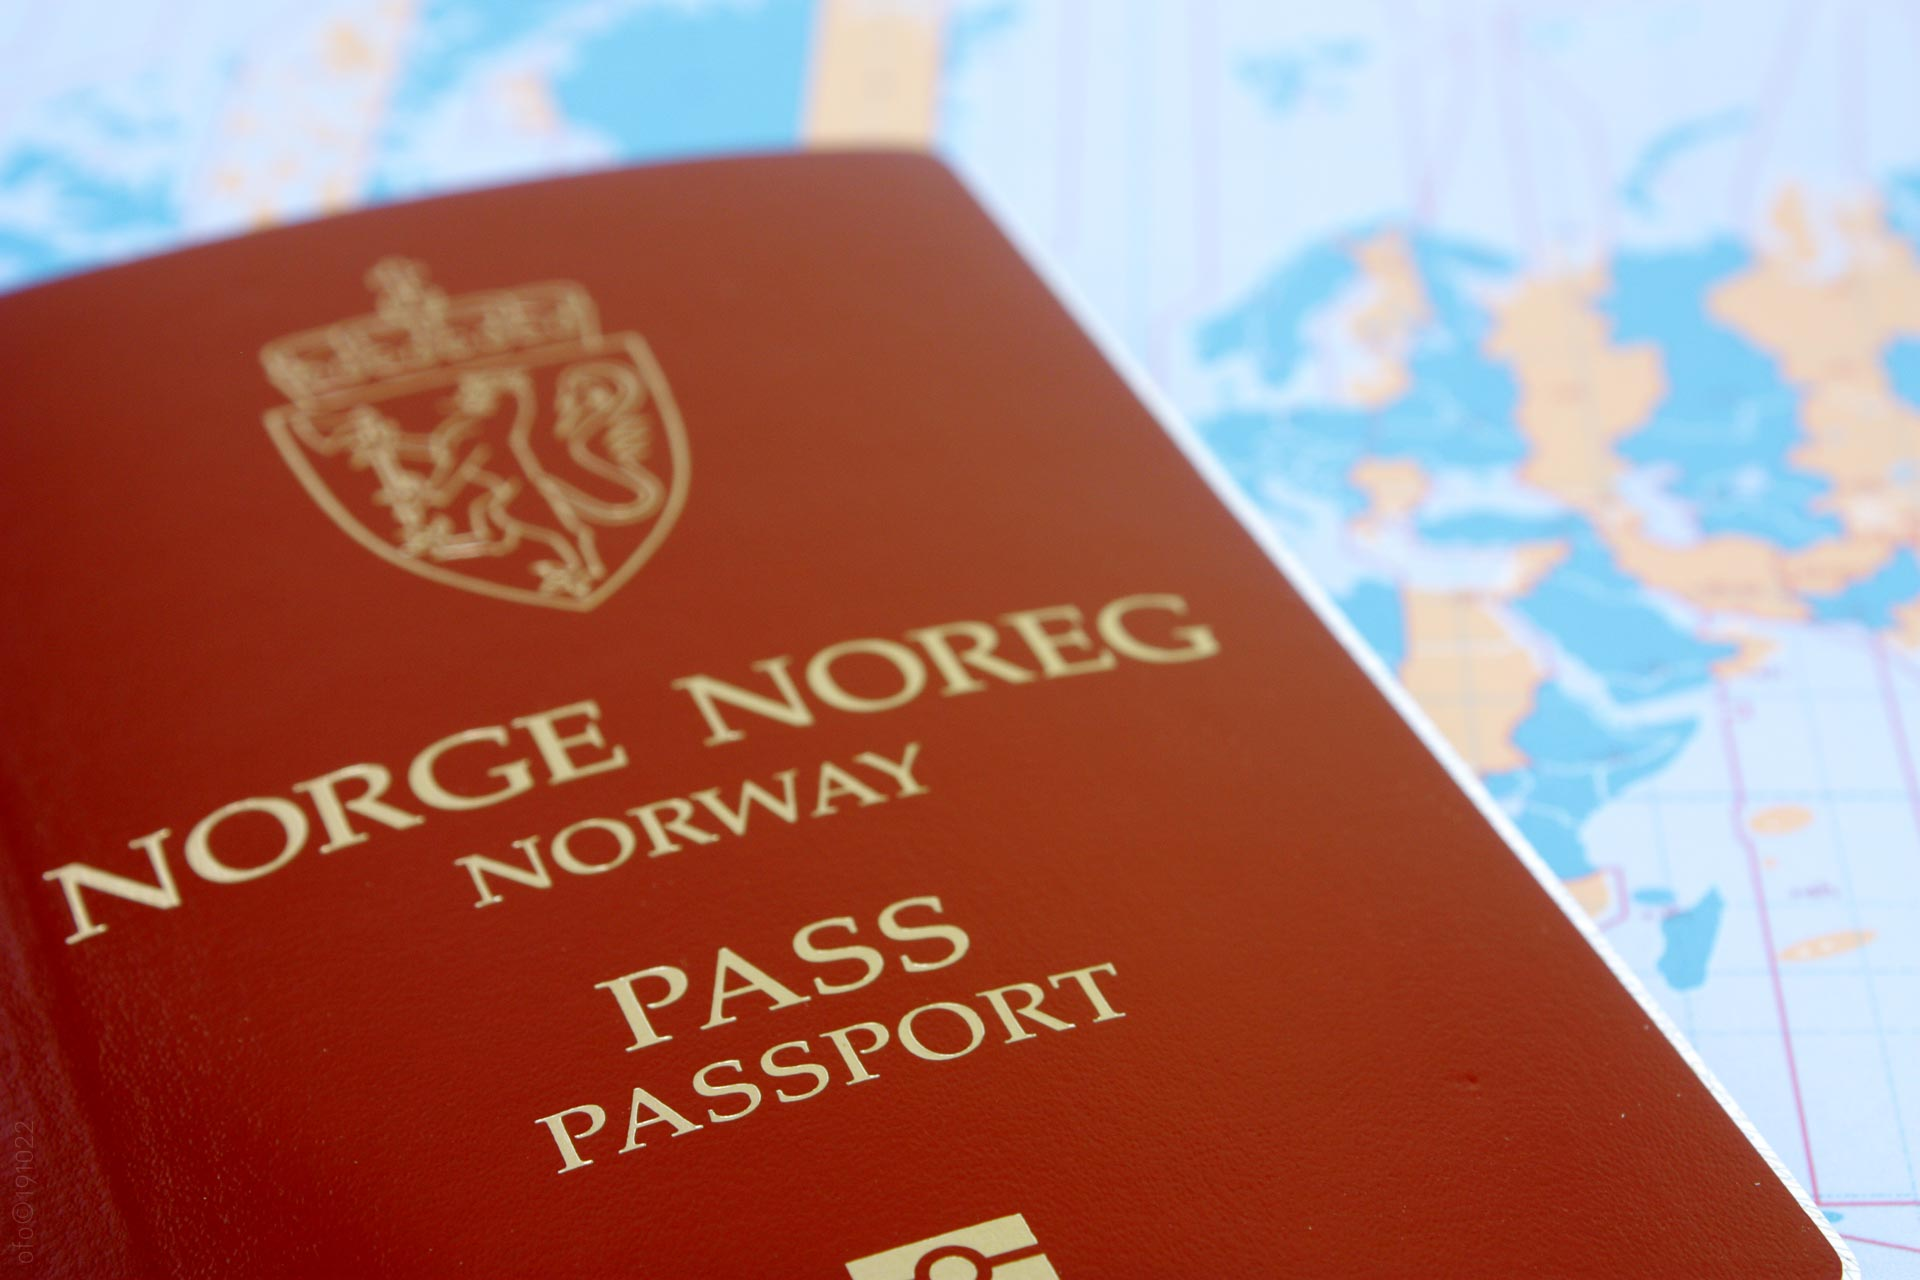 Norsk pass på kartet. (Foto: Robin Lund)